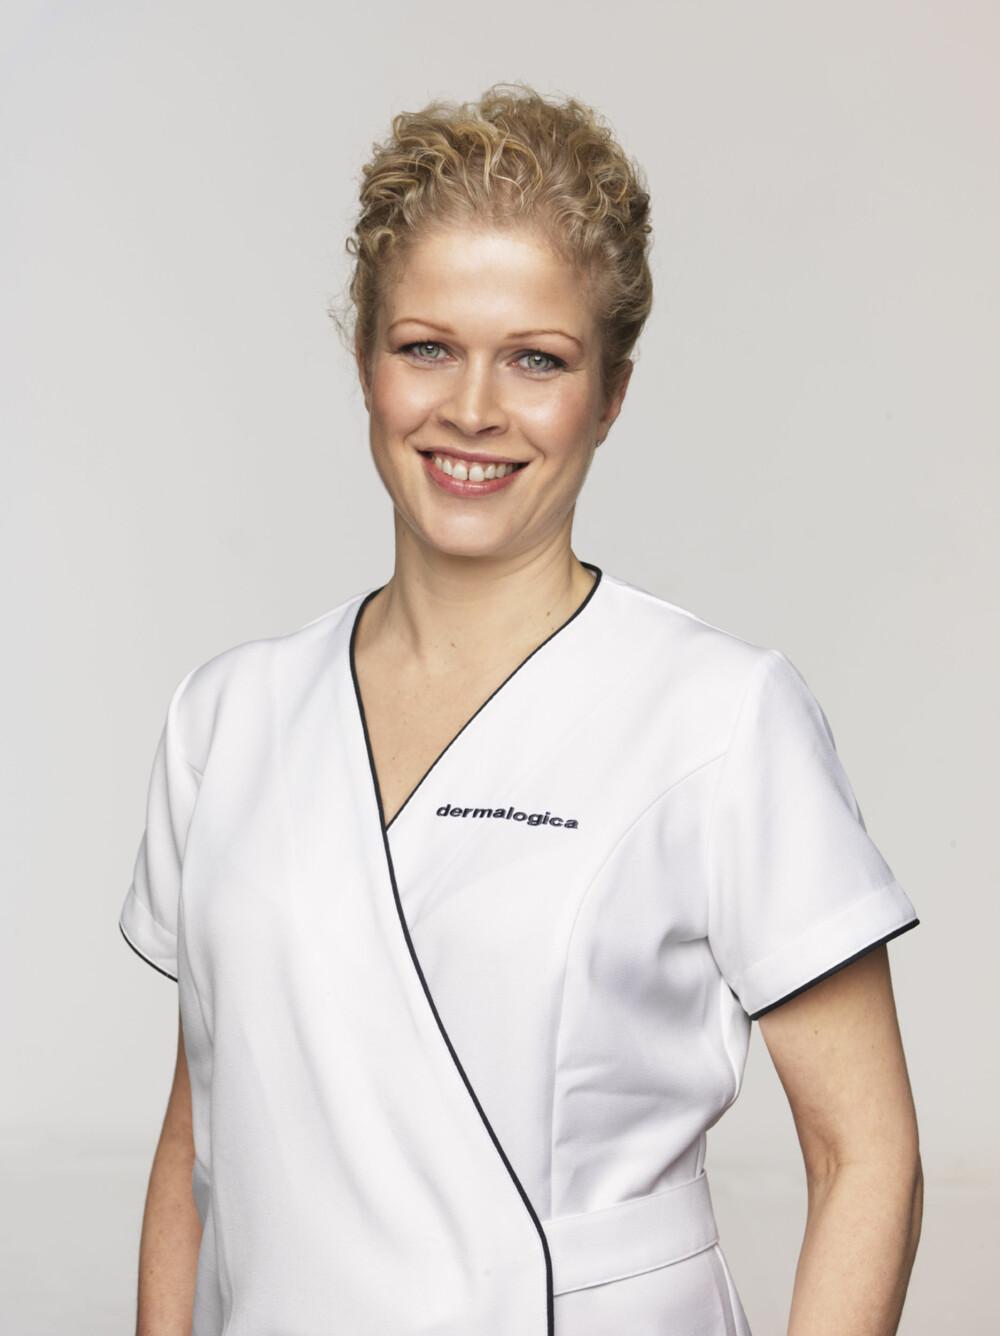 HUDPLEIEEKSPERTEN: Ann-Kristin Stokke er hudpleier og fagsjef ved hudpleieleverandøren Skintific.